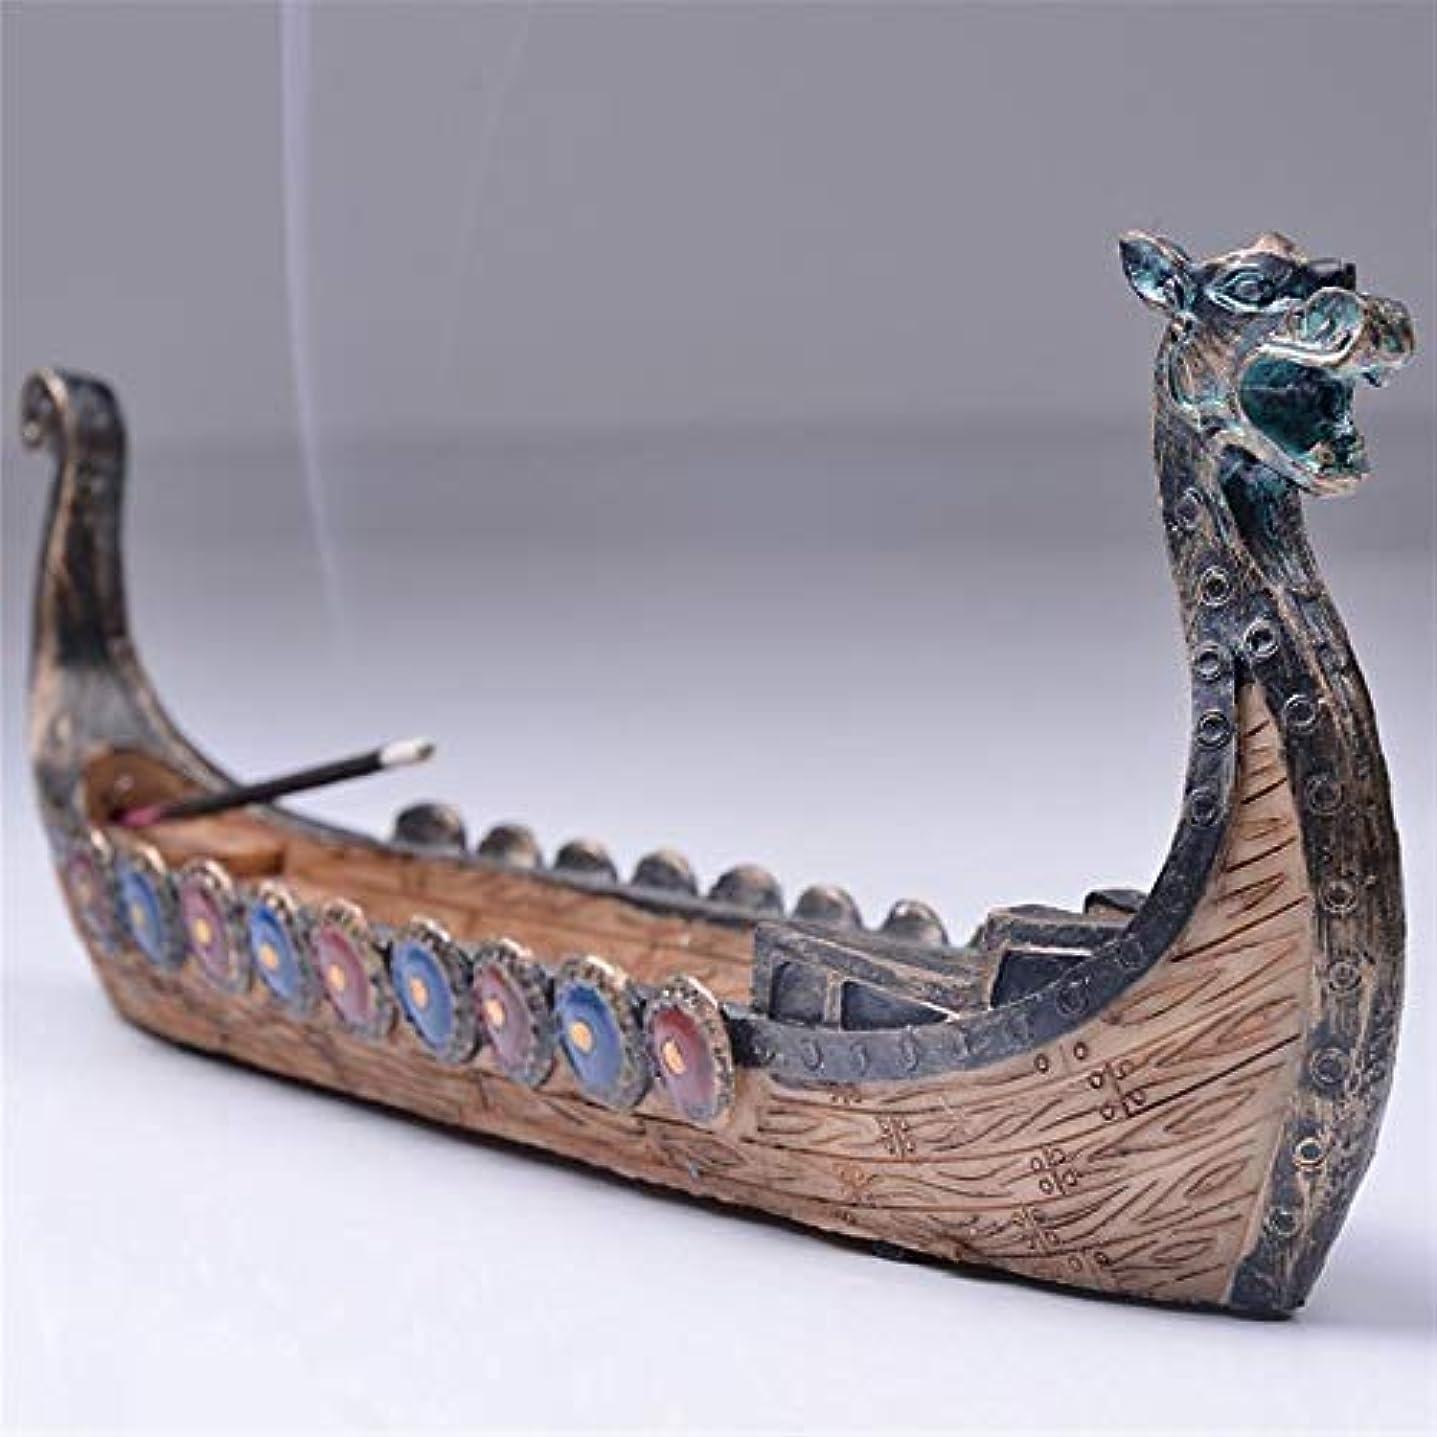 ファイターにおい想定するOchoos ドラゴンボート 線香ホルダー バーナー 手彫り 彫刻 香炉 オーナメント レトロ 香炉 伝統的デザイン #SW